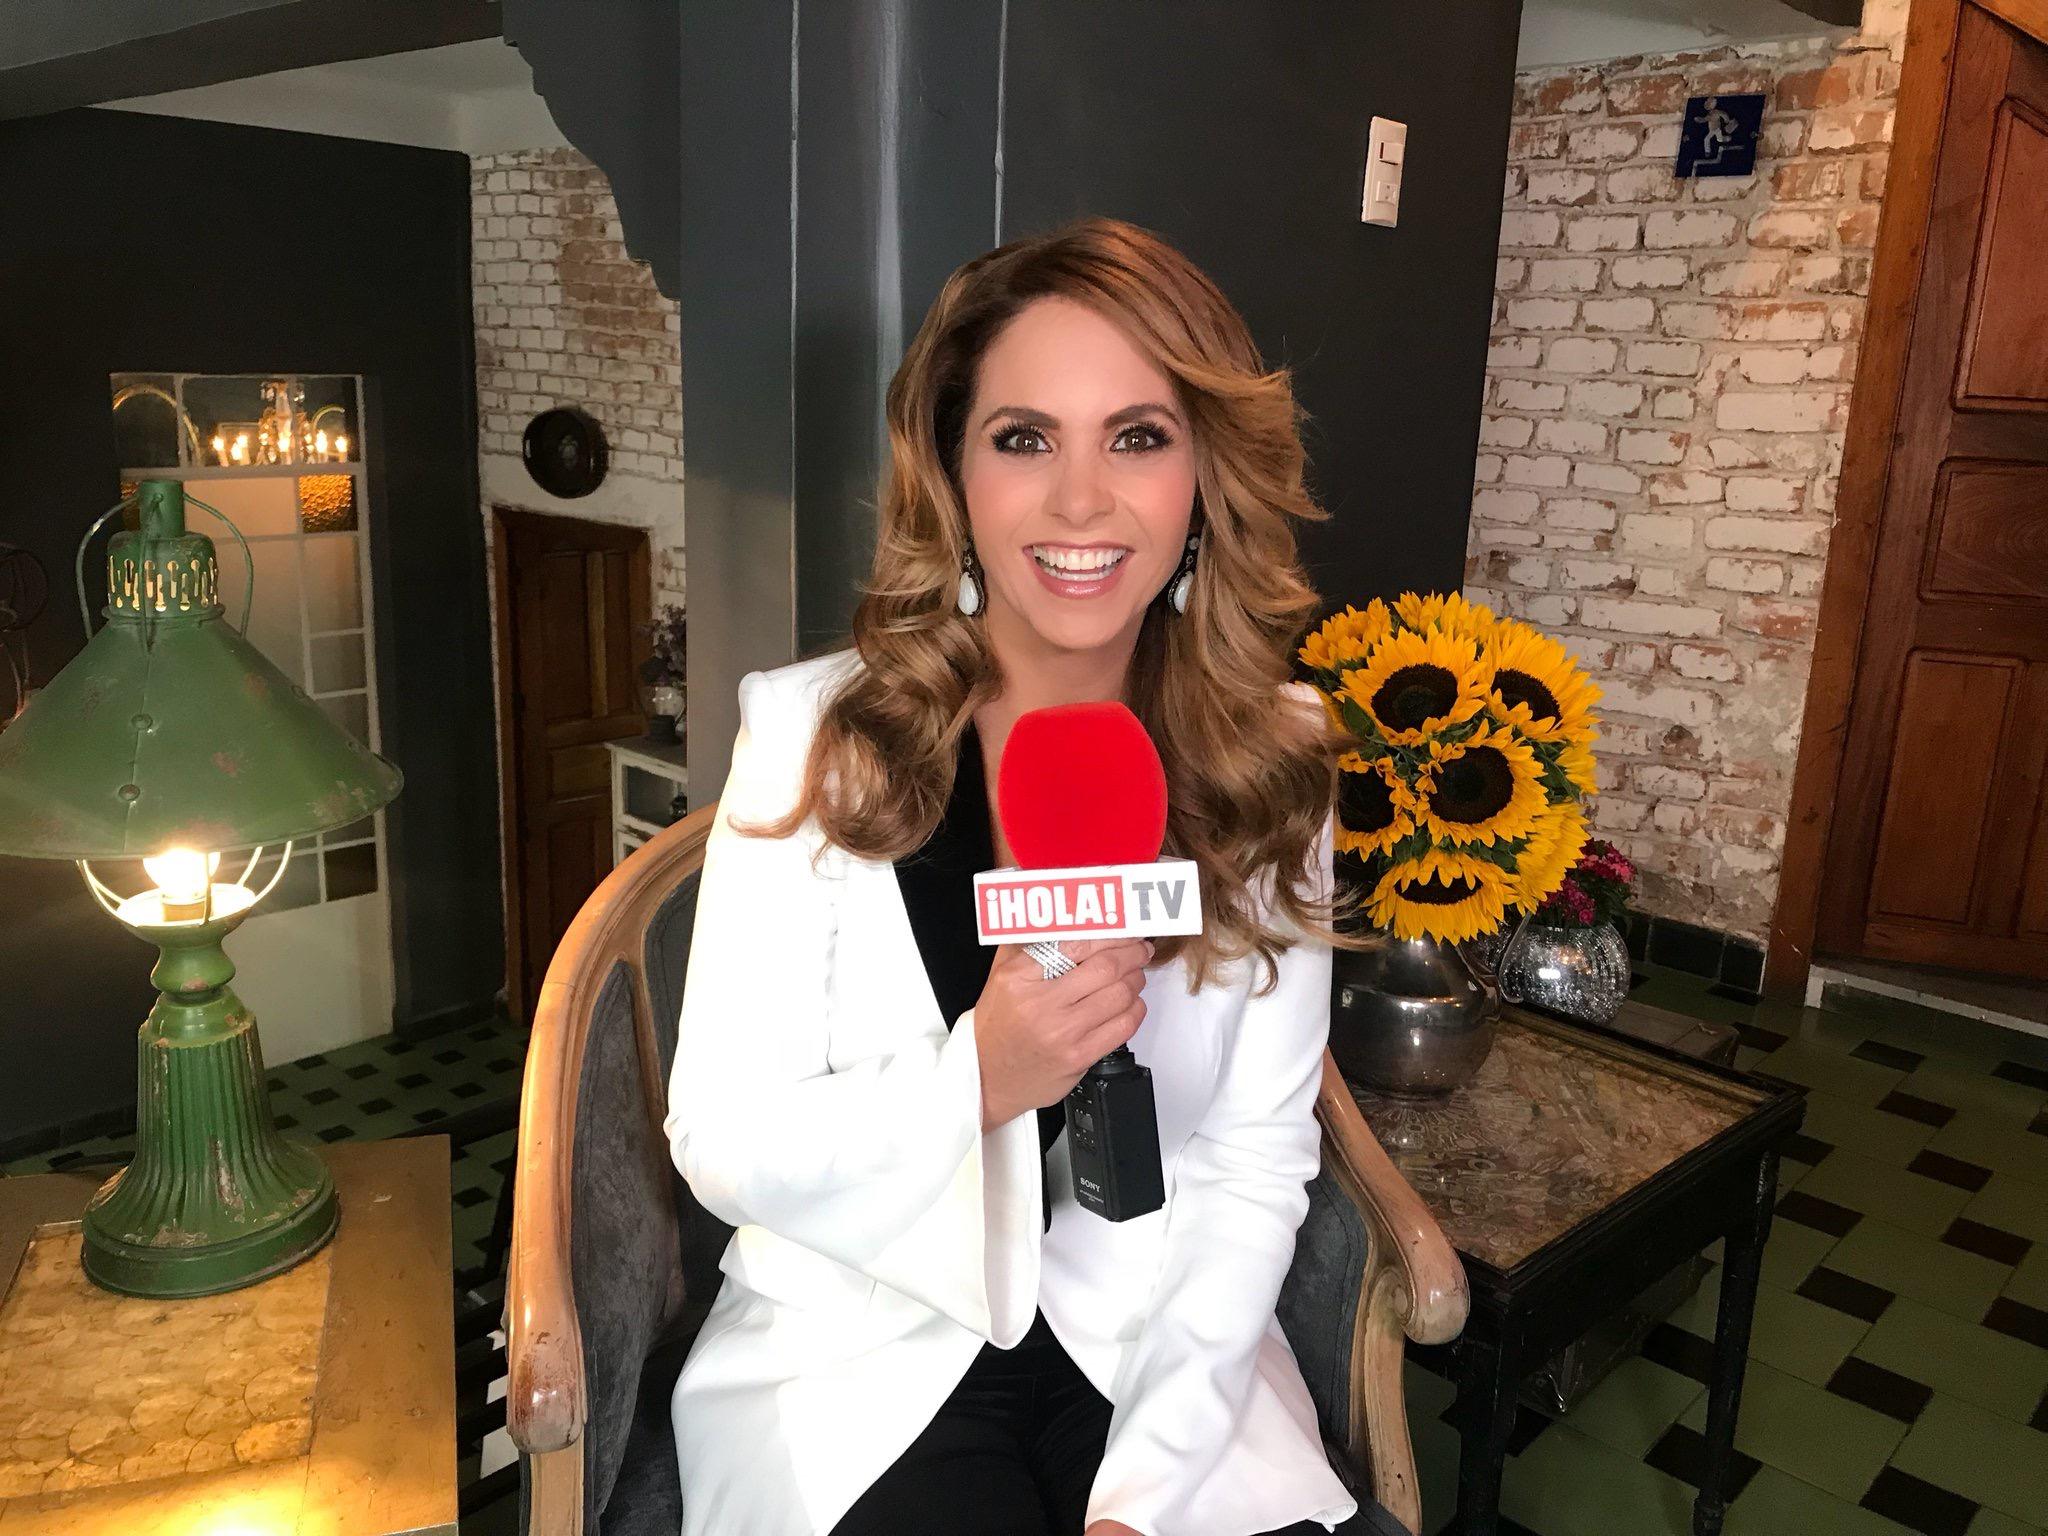 Lucero en Hola TV 2018